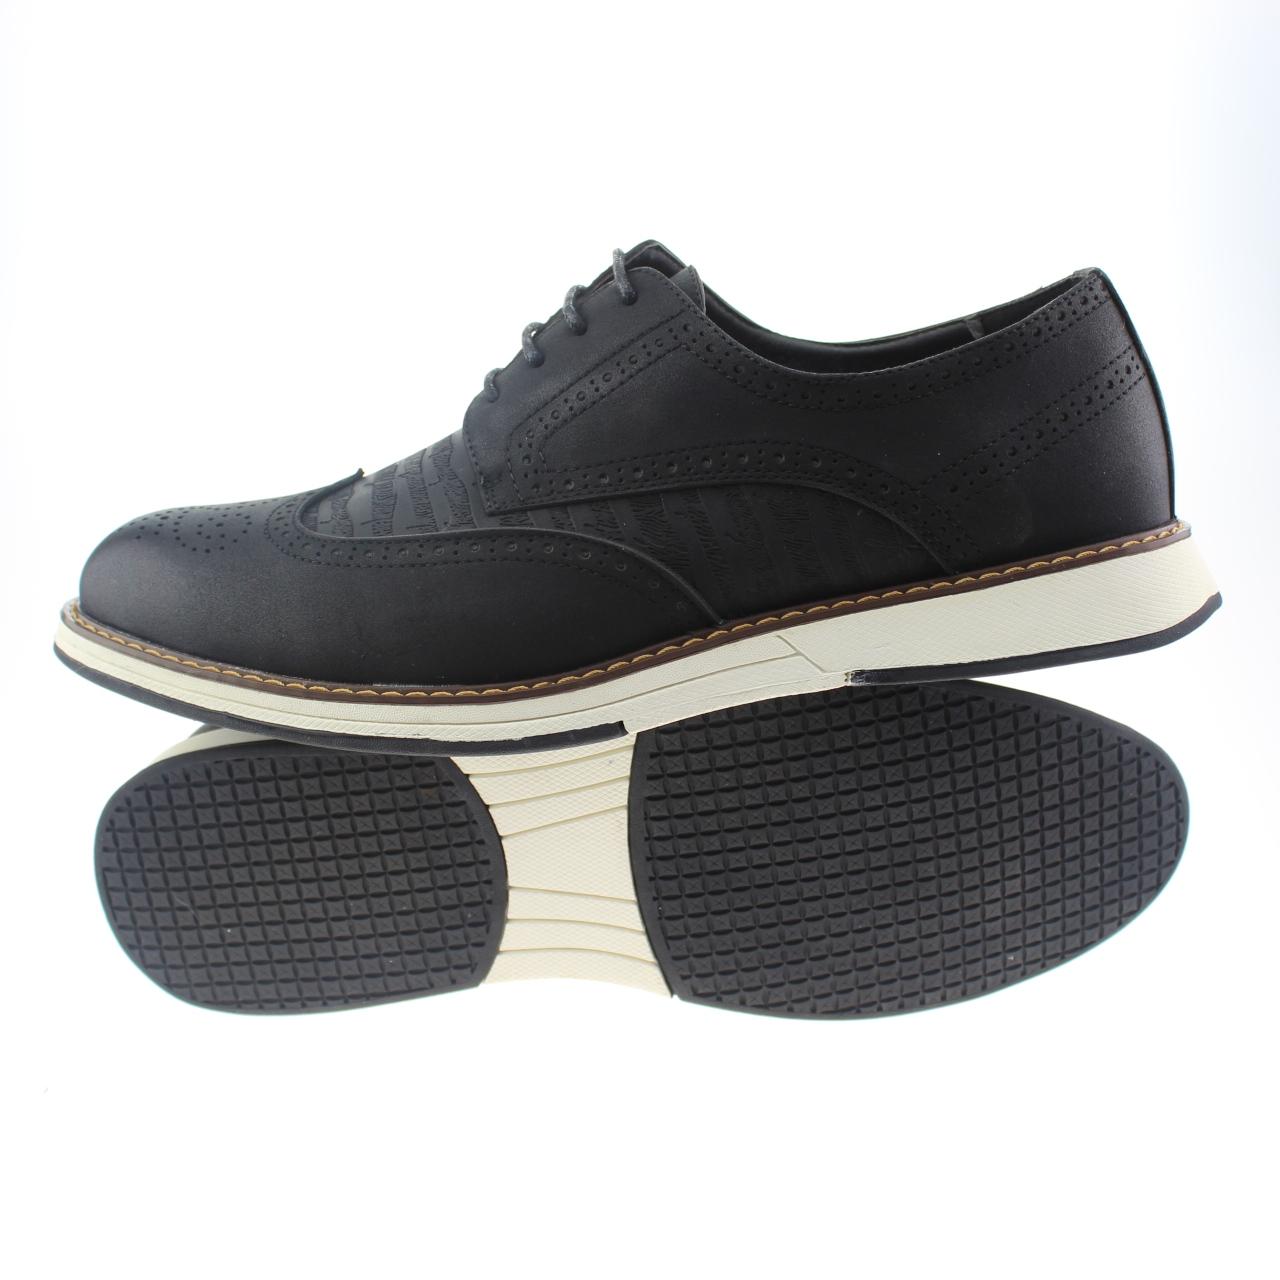 b46d8a0b Zapatos Hombre | Ripley.com !